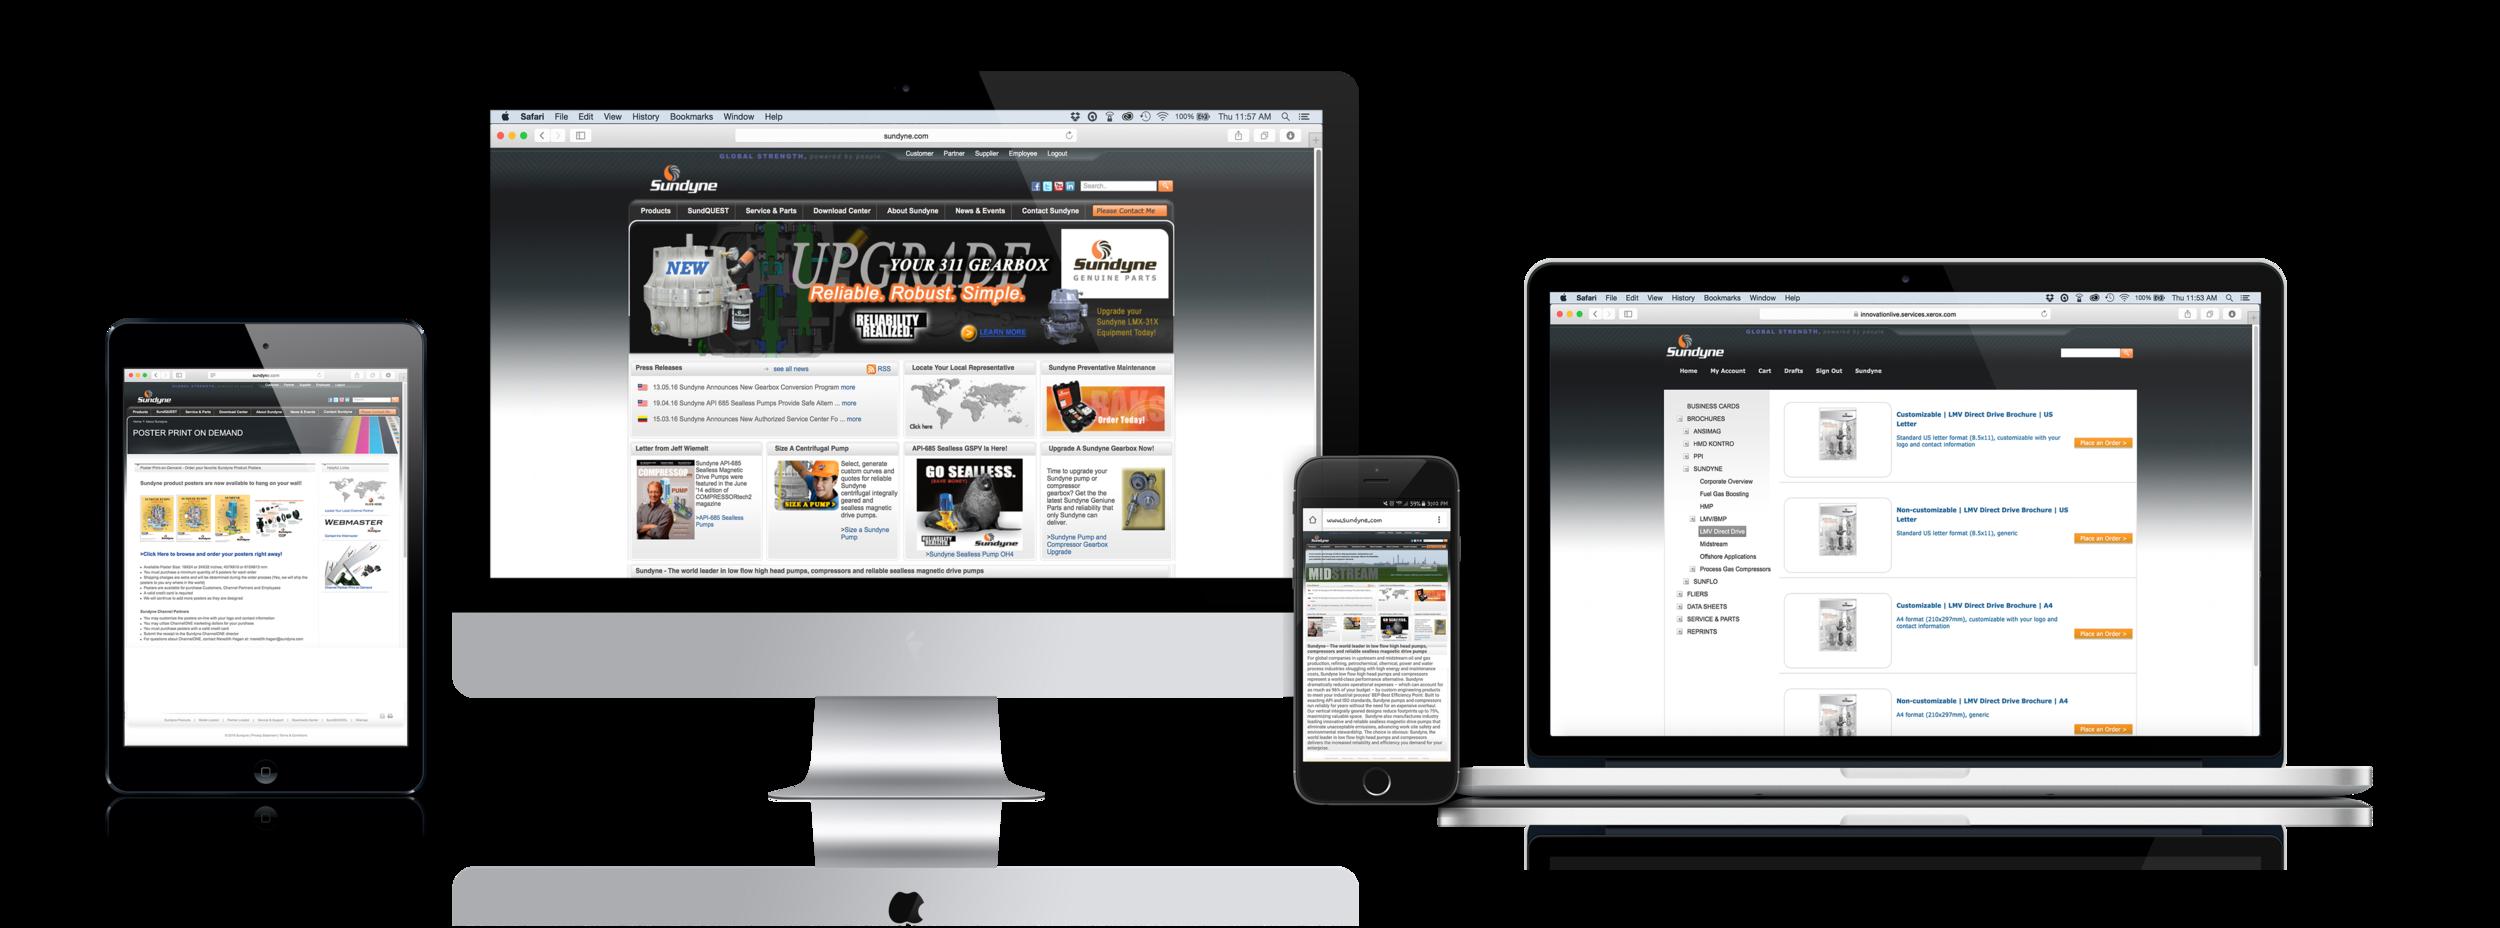 Sundyne Website Mockup platforms.png